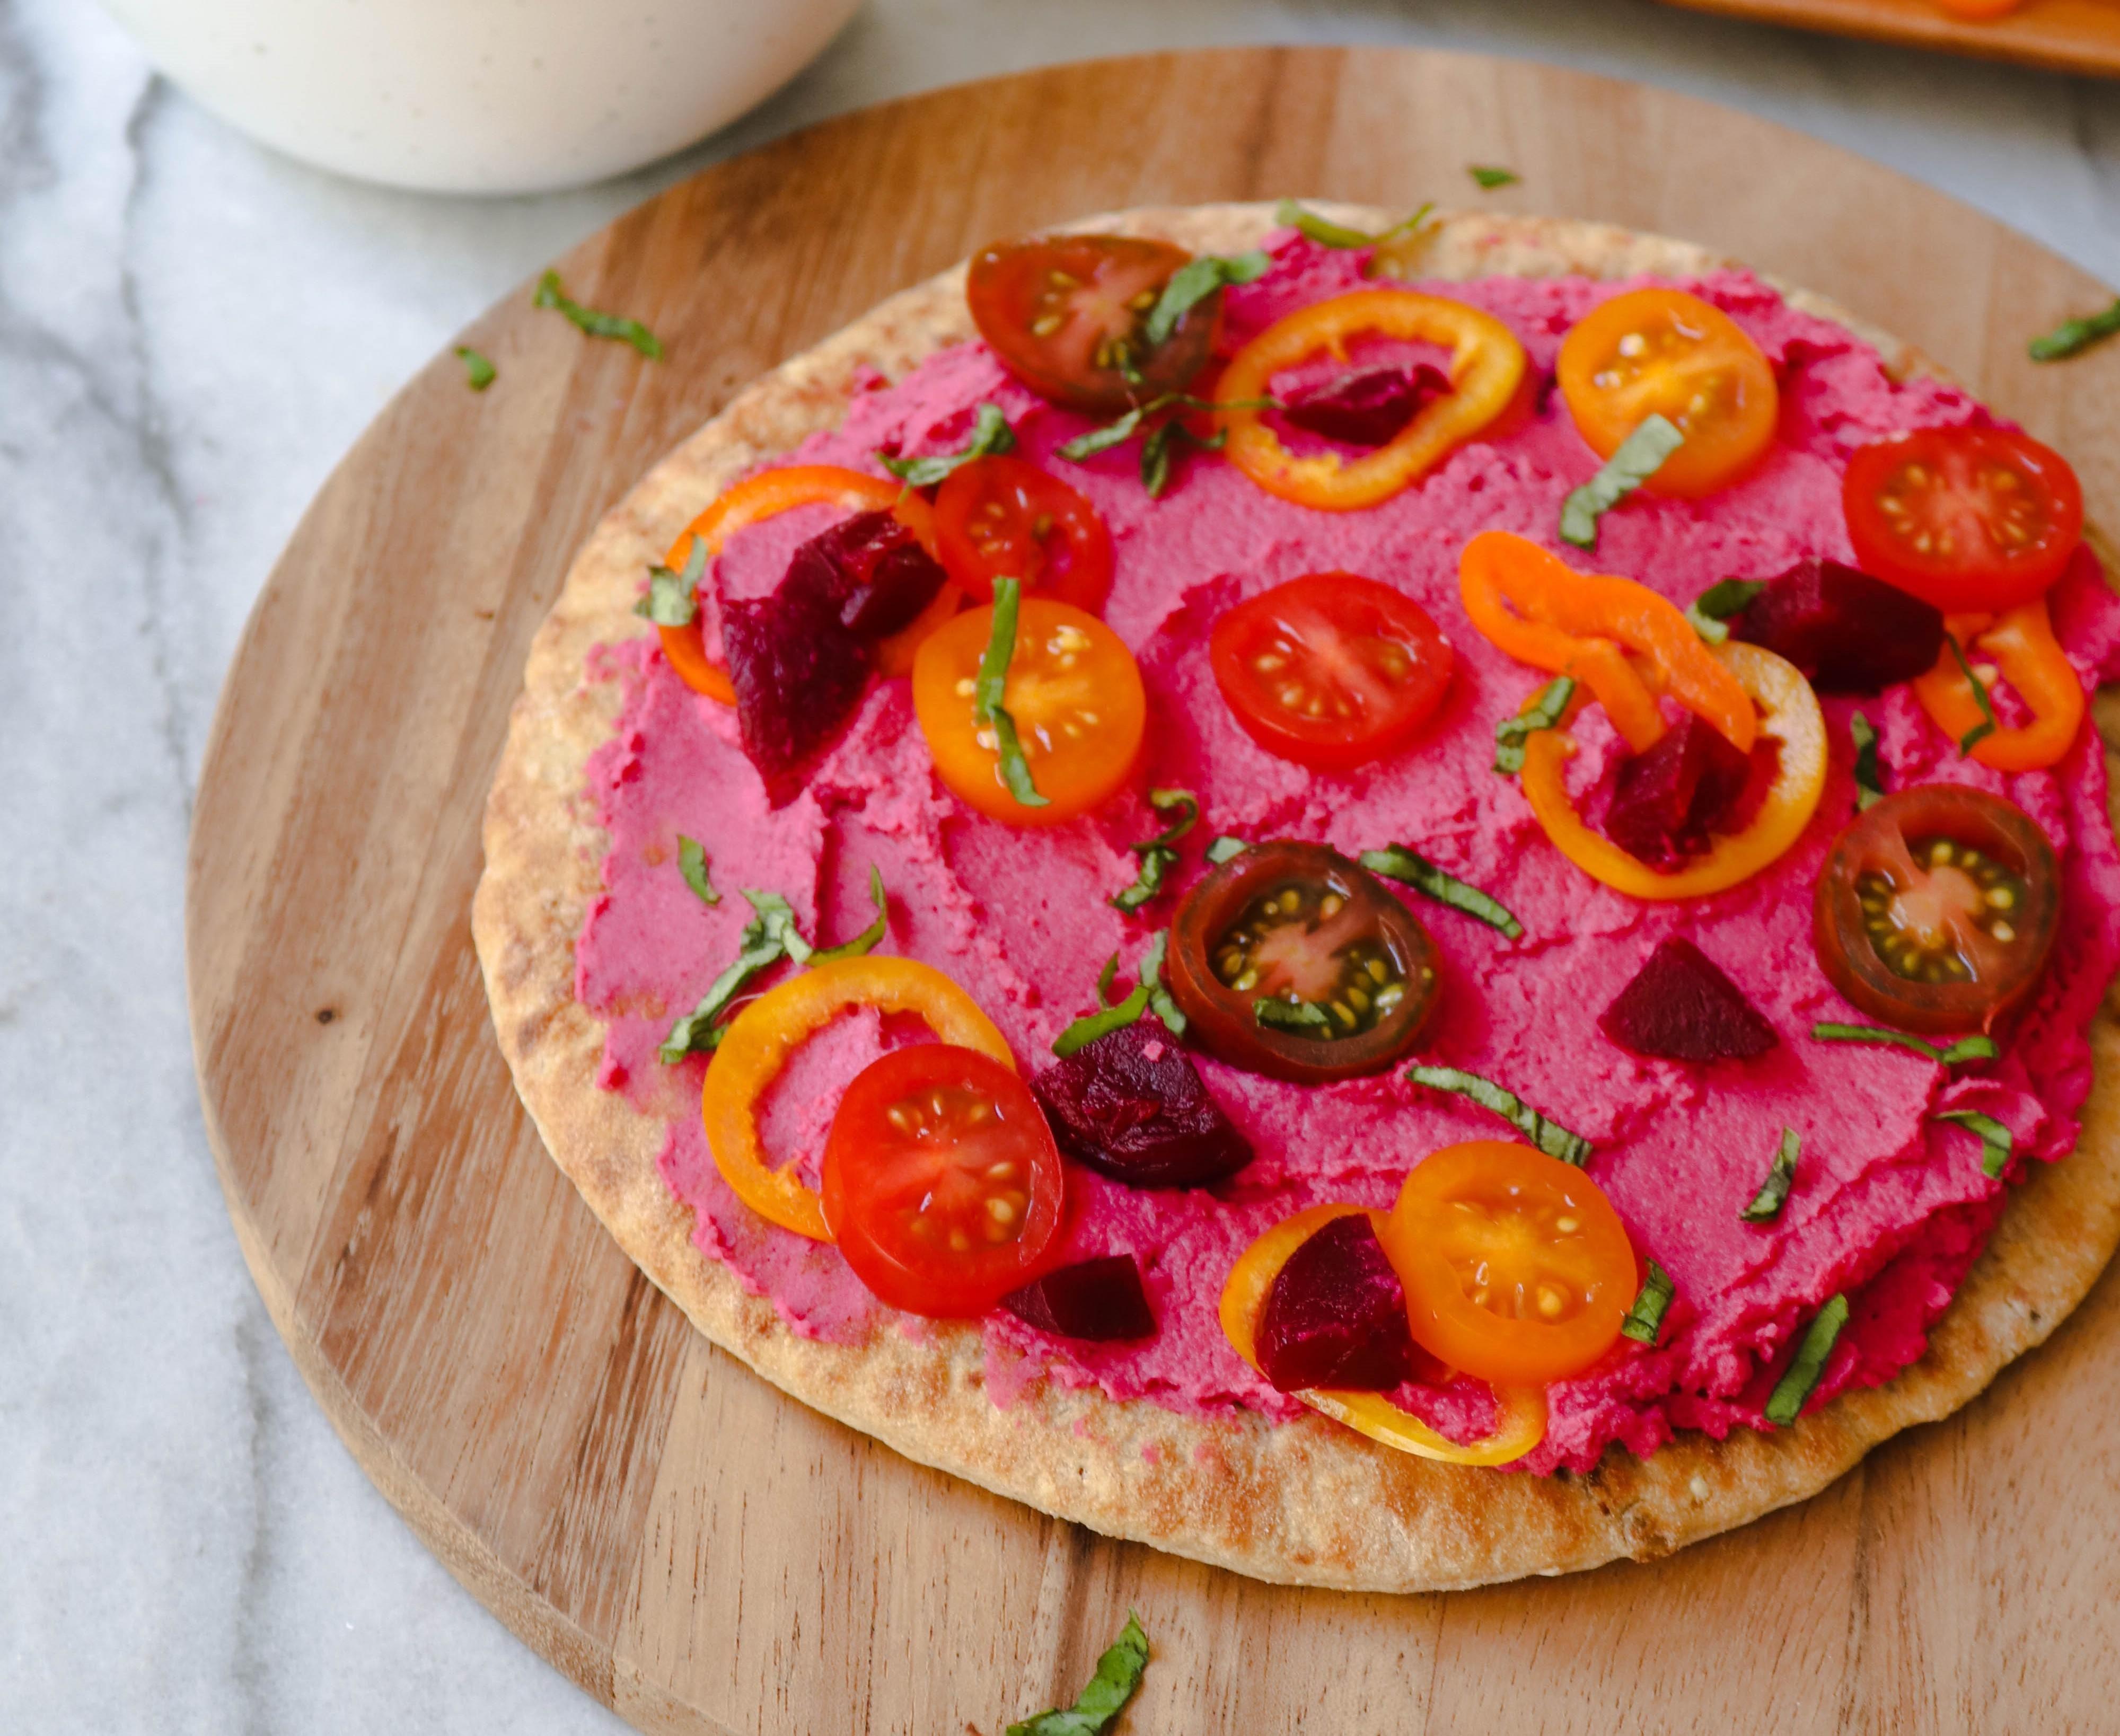 Pizzeta con hummus de betabel casero